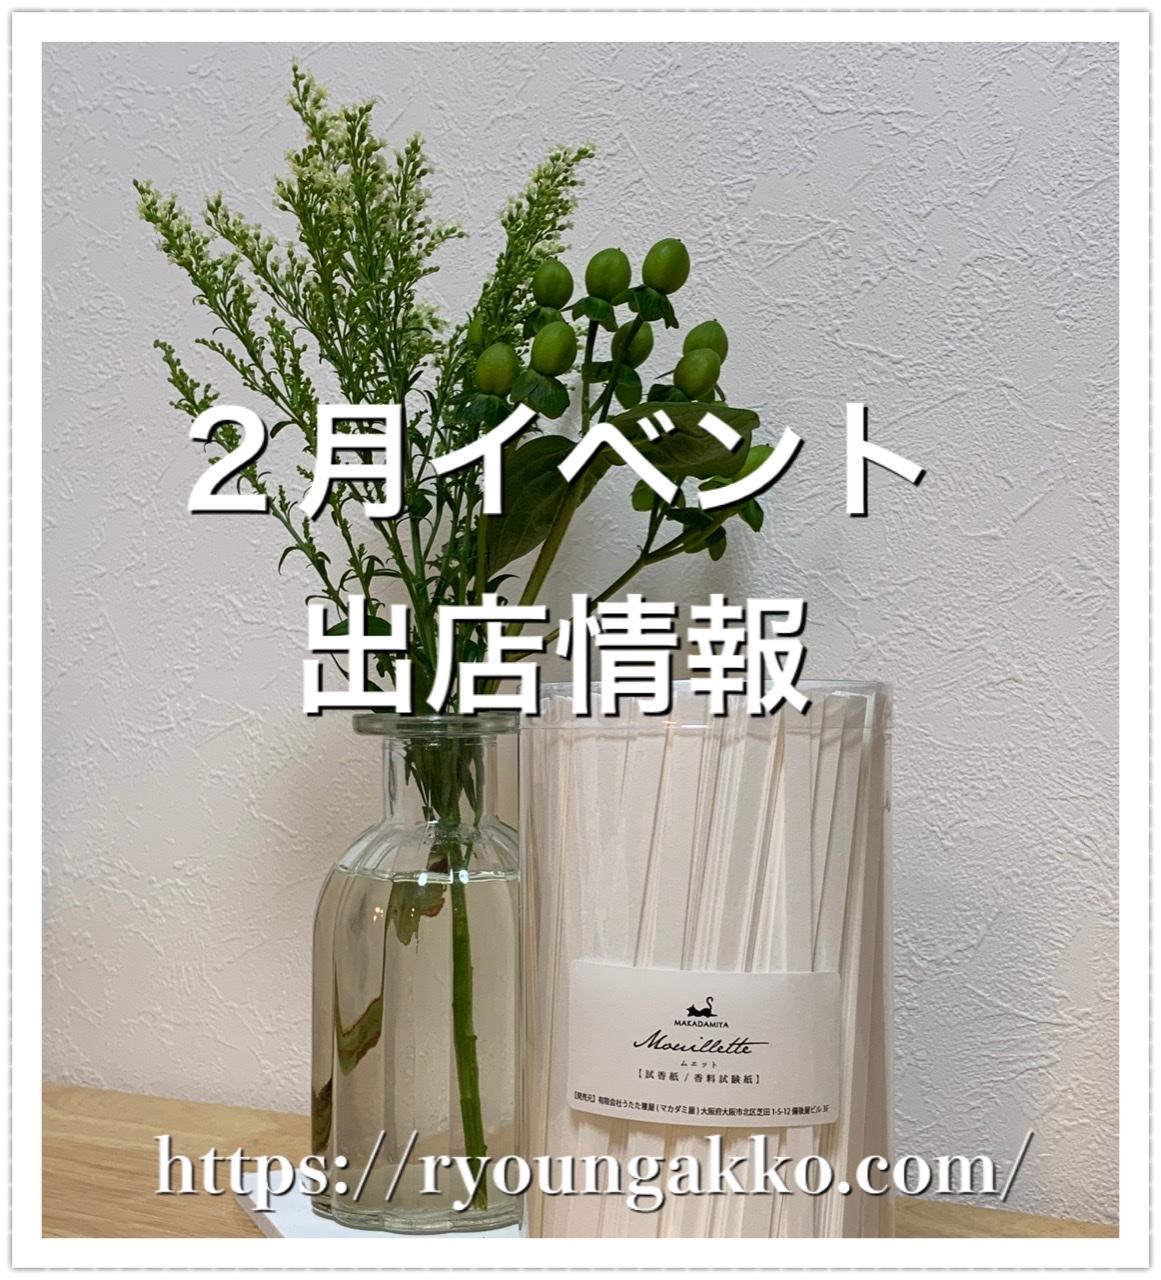 【イベント情報】2月出店情報✐まとめ